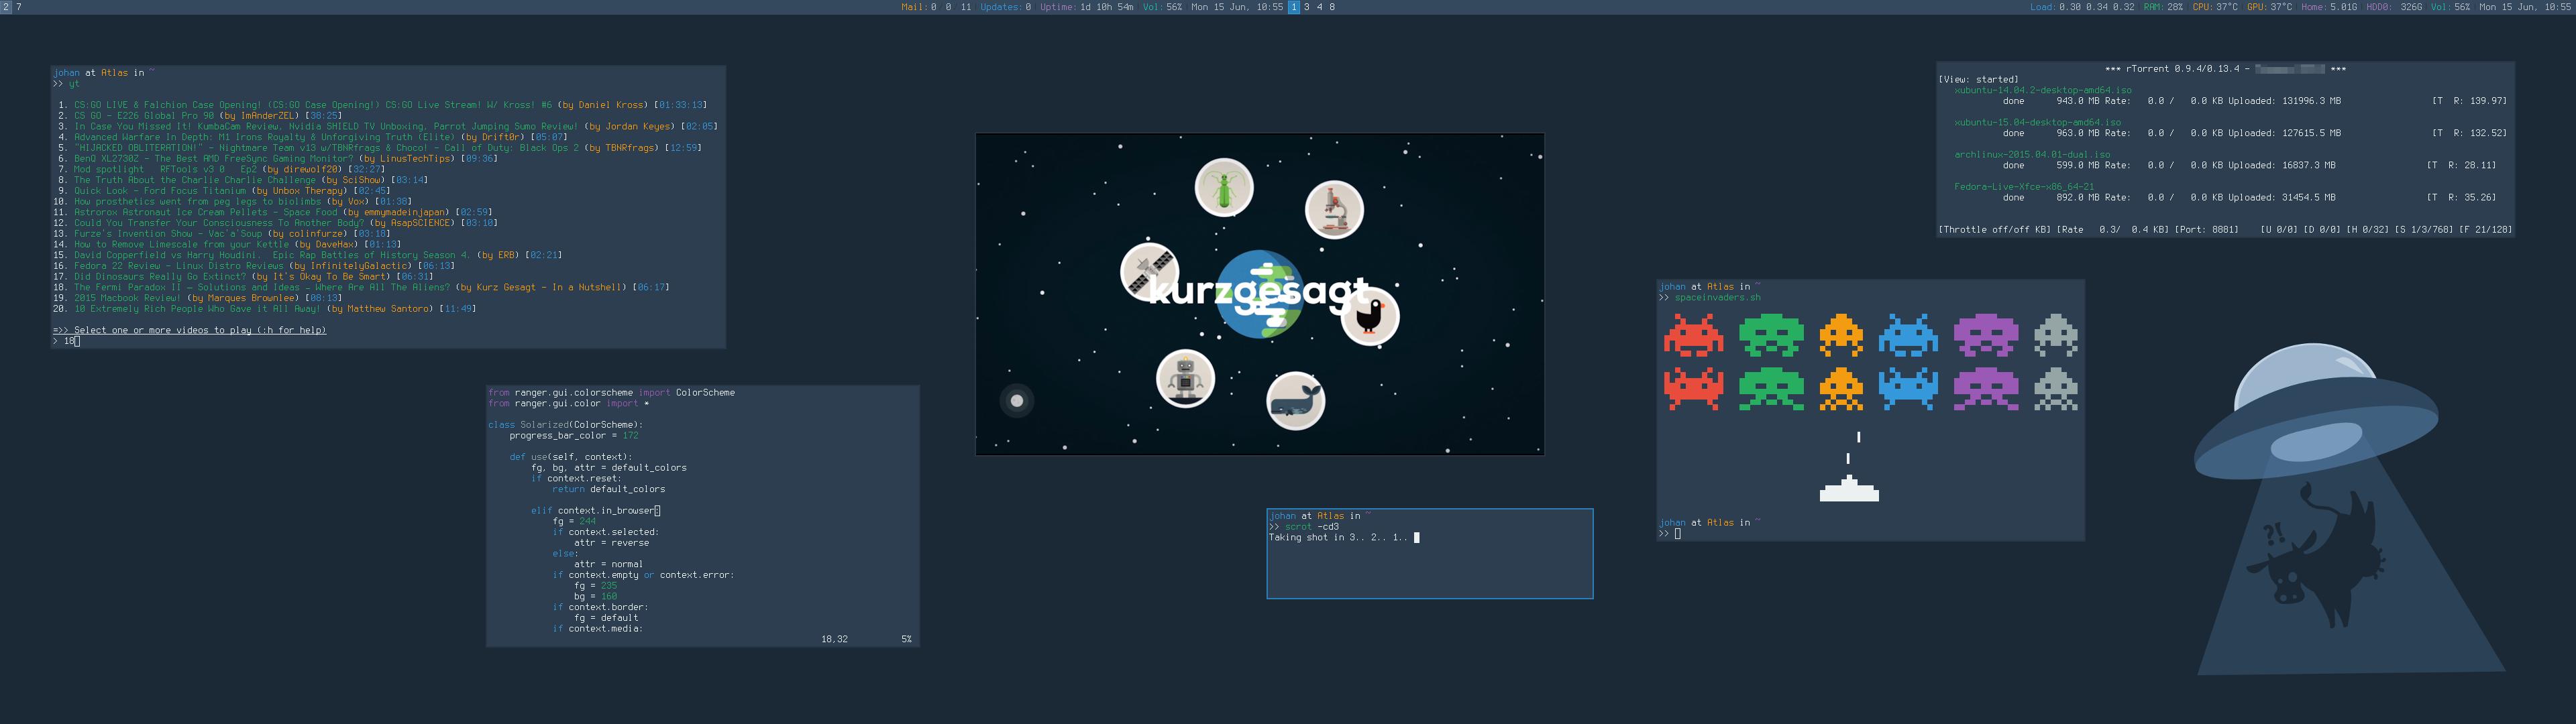 My Desktop - June 2015